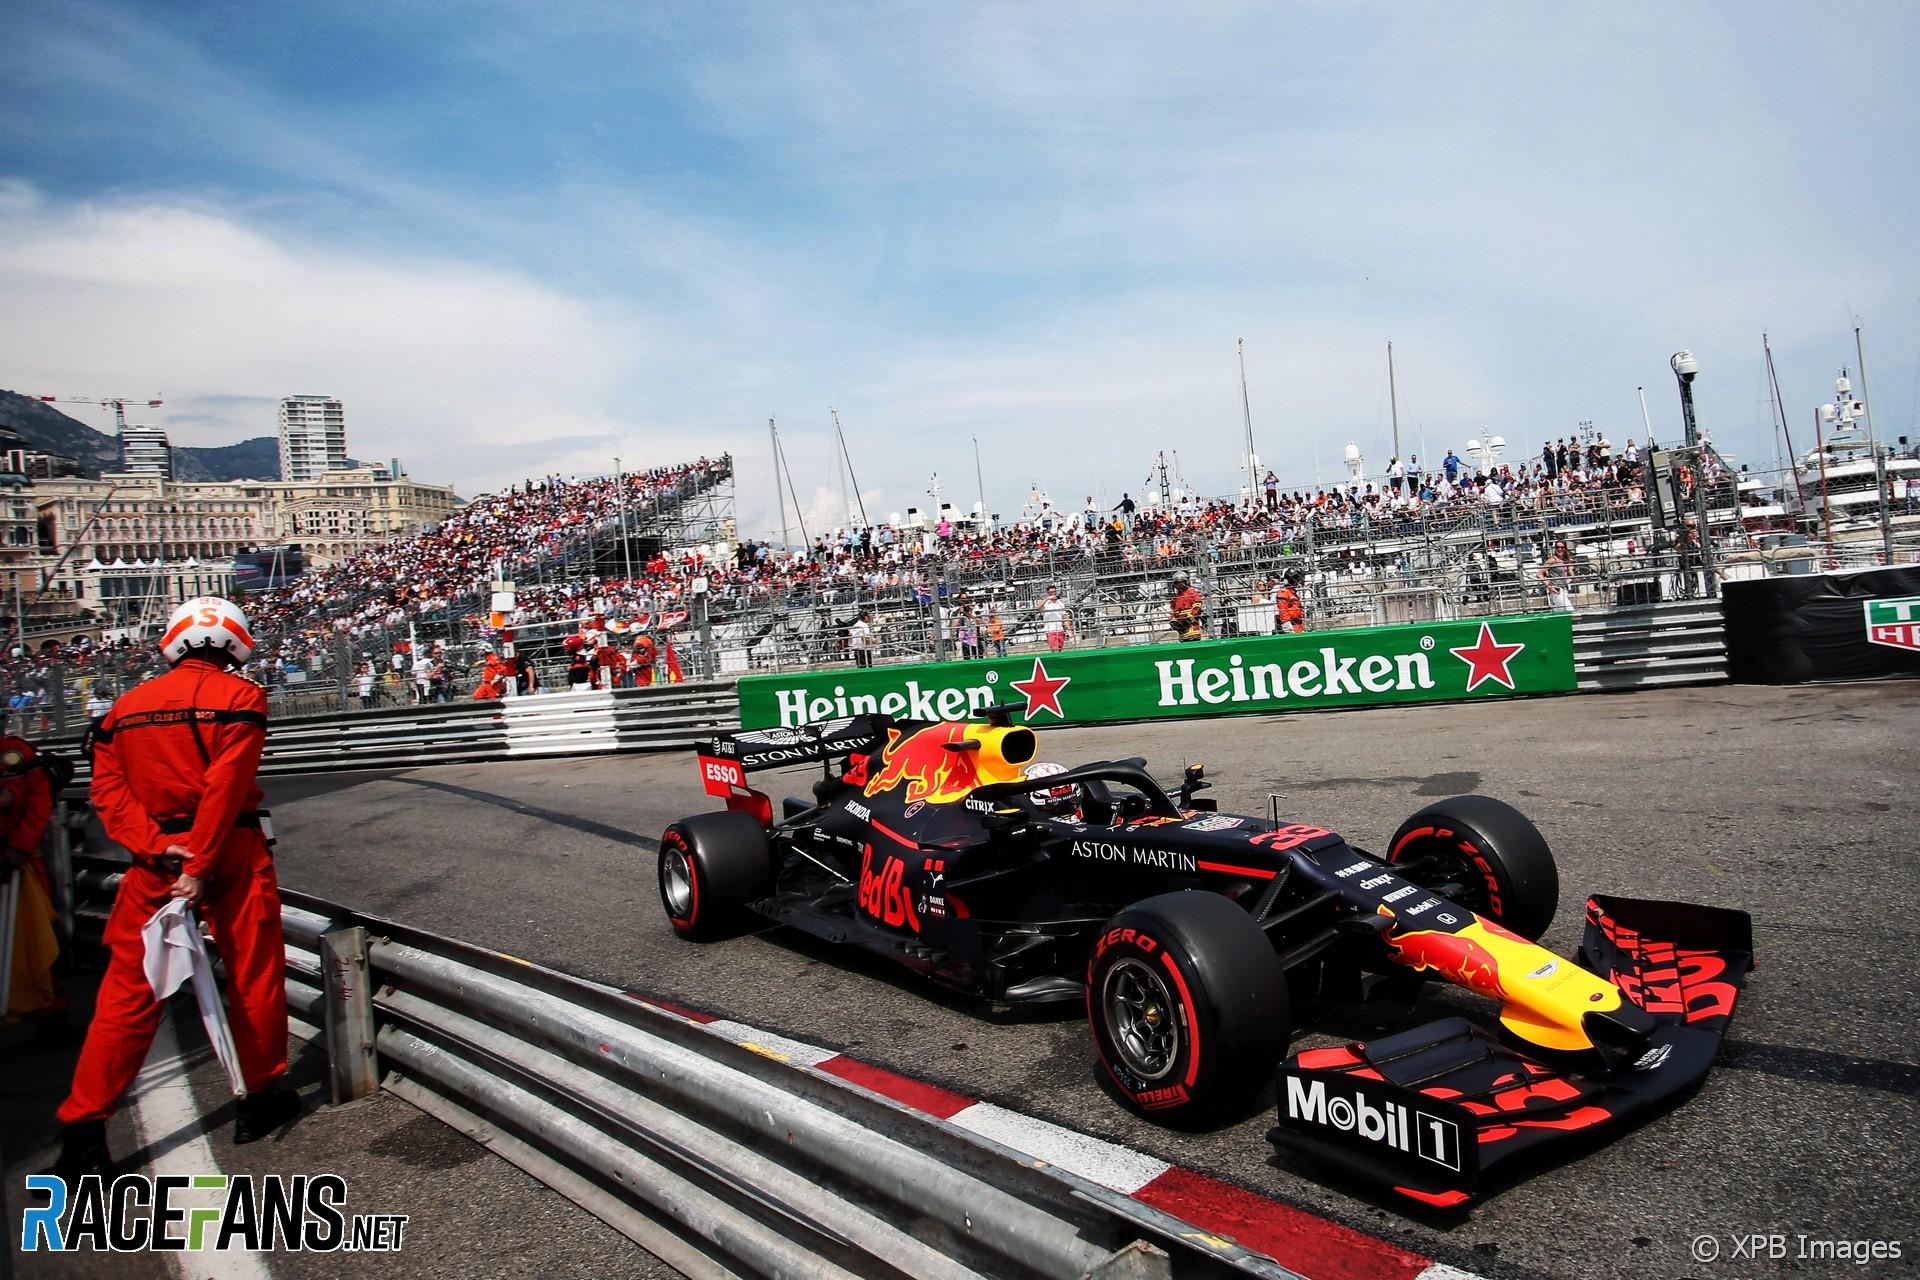 Max Verstappen, Red Bull, Monaco, 2019